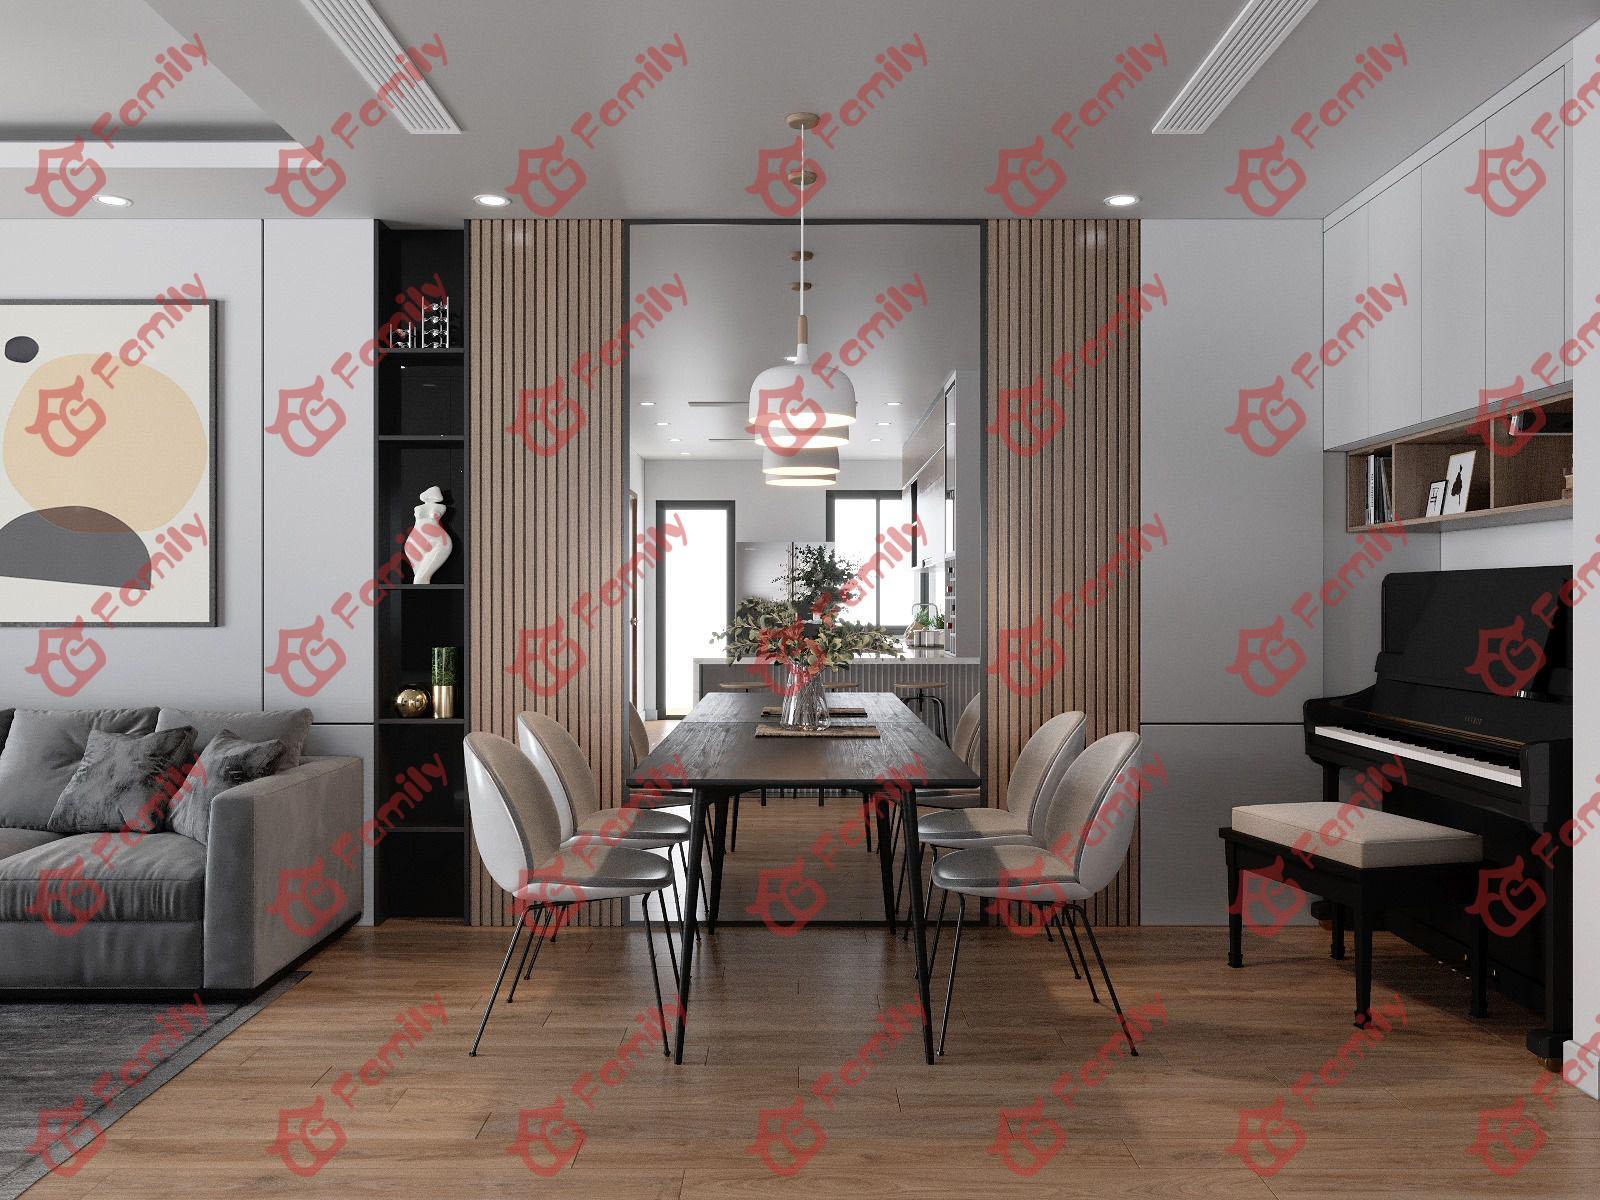 客厅_餐厅_厨房_入户门模型_餐桌_椅子_沙发_地毯_吊灯_花瓶和植物_佛龛_衣柜_凳子_3d模型网